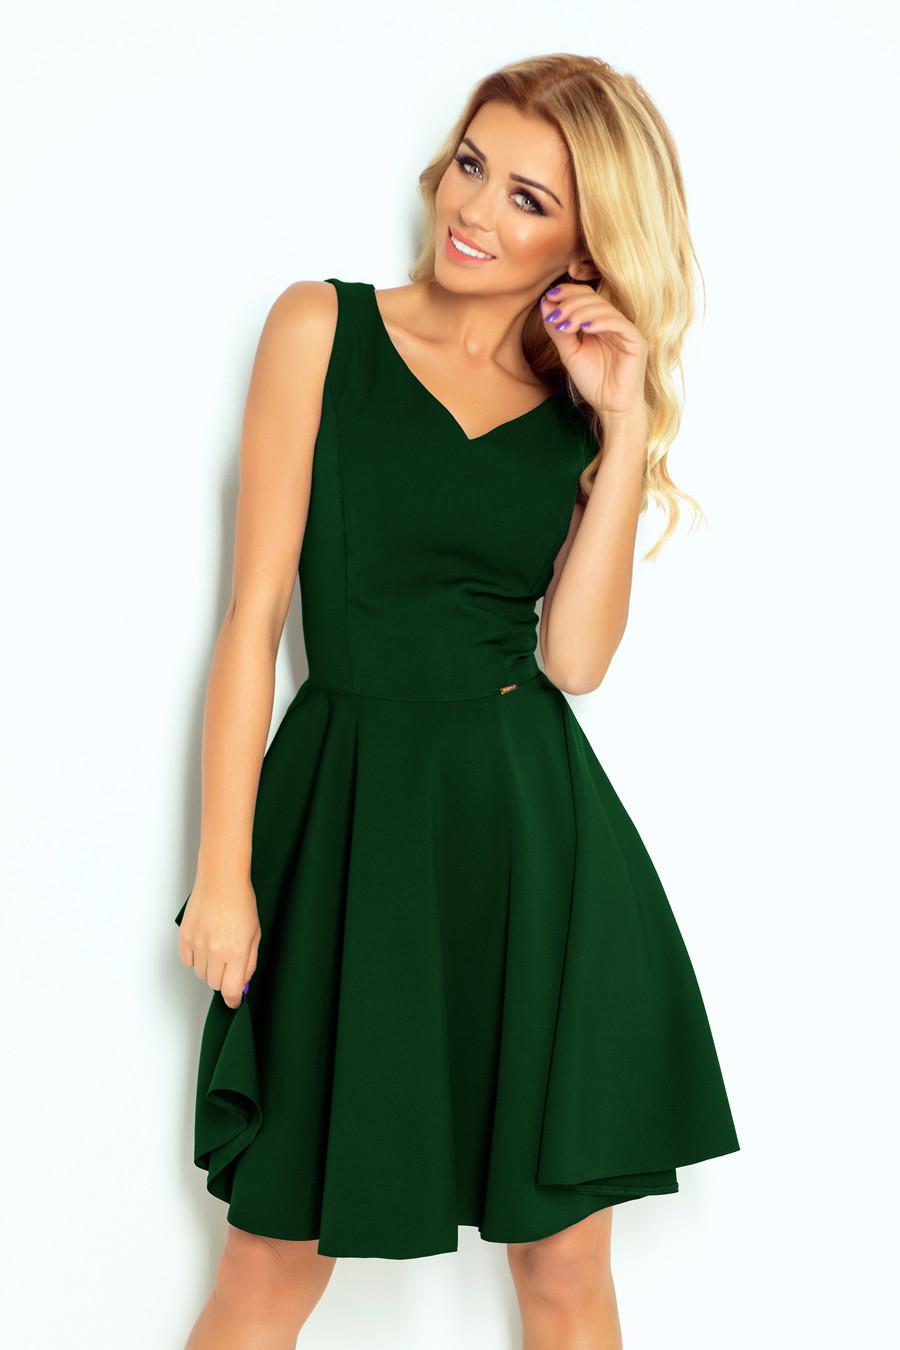 49e796624550 Rozšířené dámské šaty v lahvově zelené barvě s výstřihem ve tvaru srdce  114-10 S